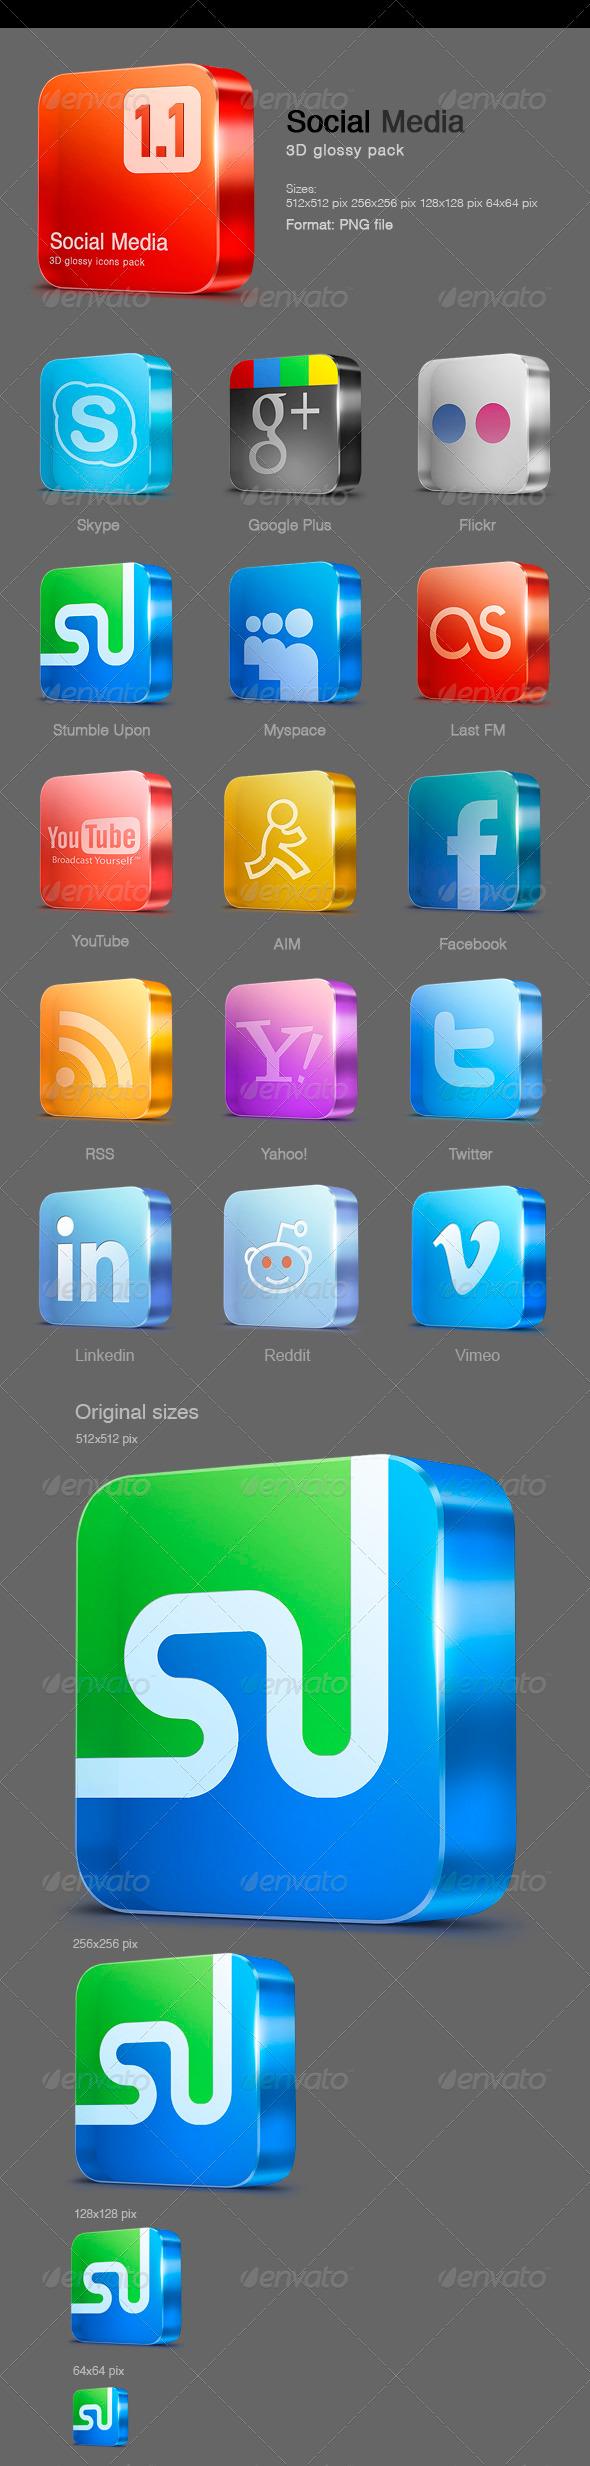 GraphicRiver 15 Glossy Social Media icons v 1.1 525144